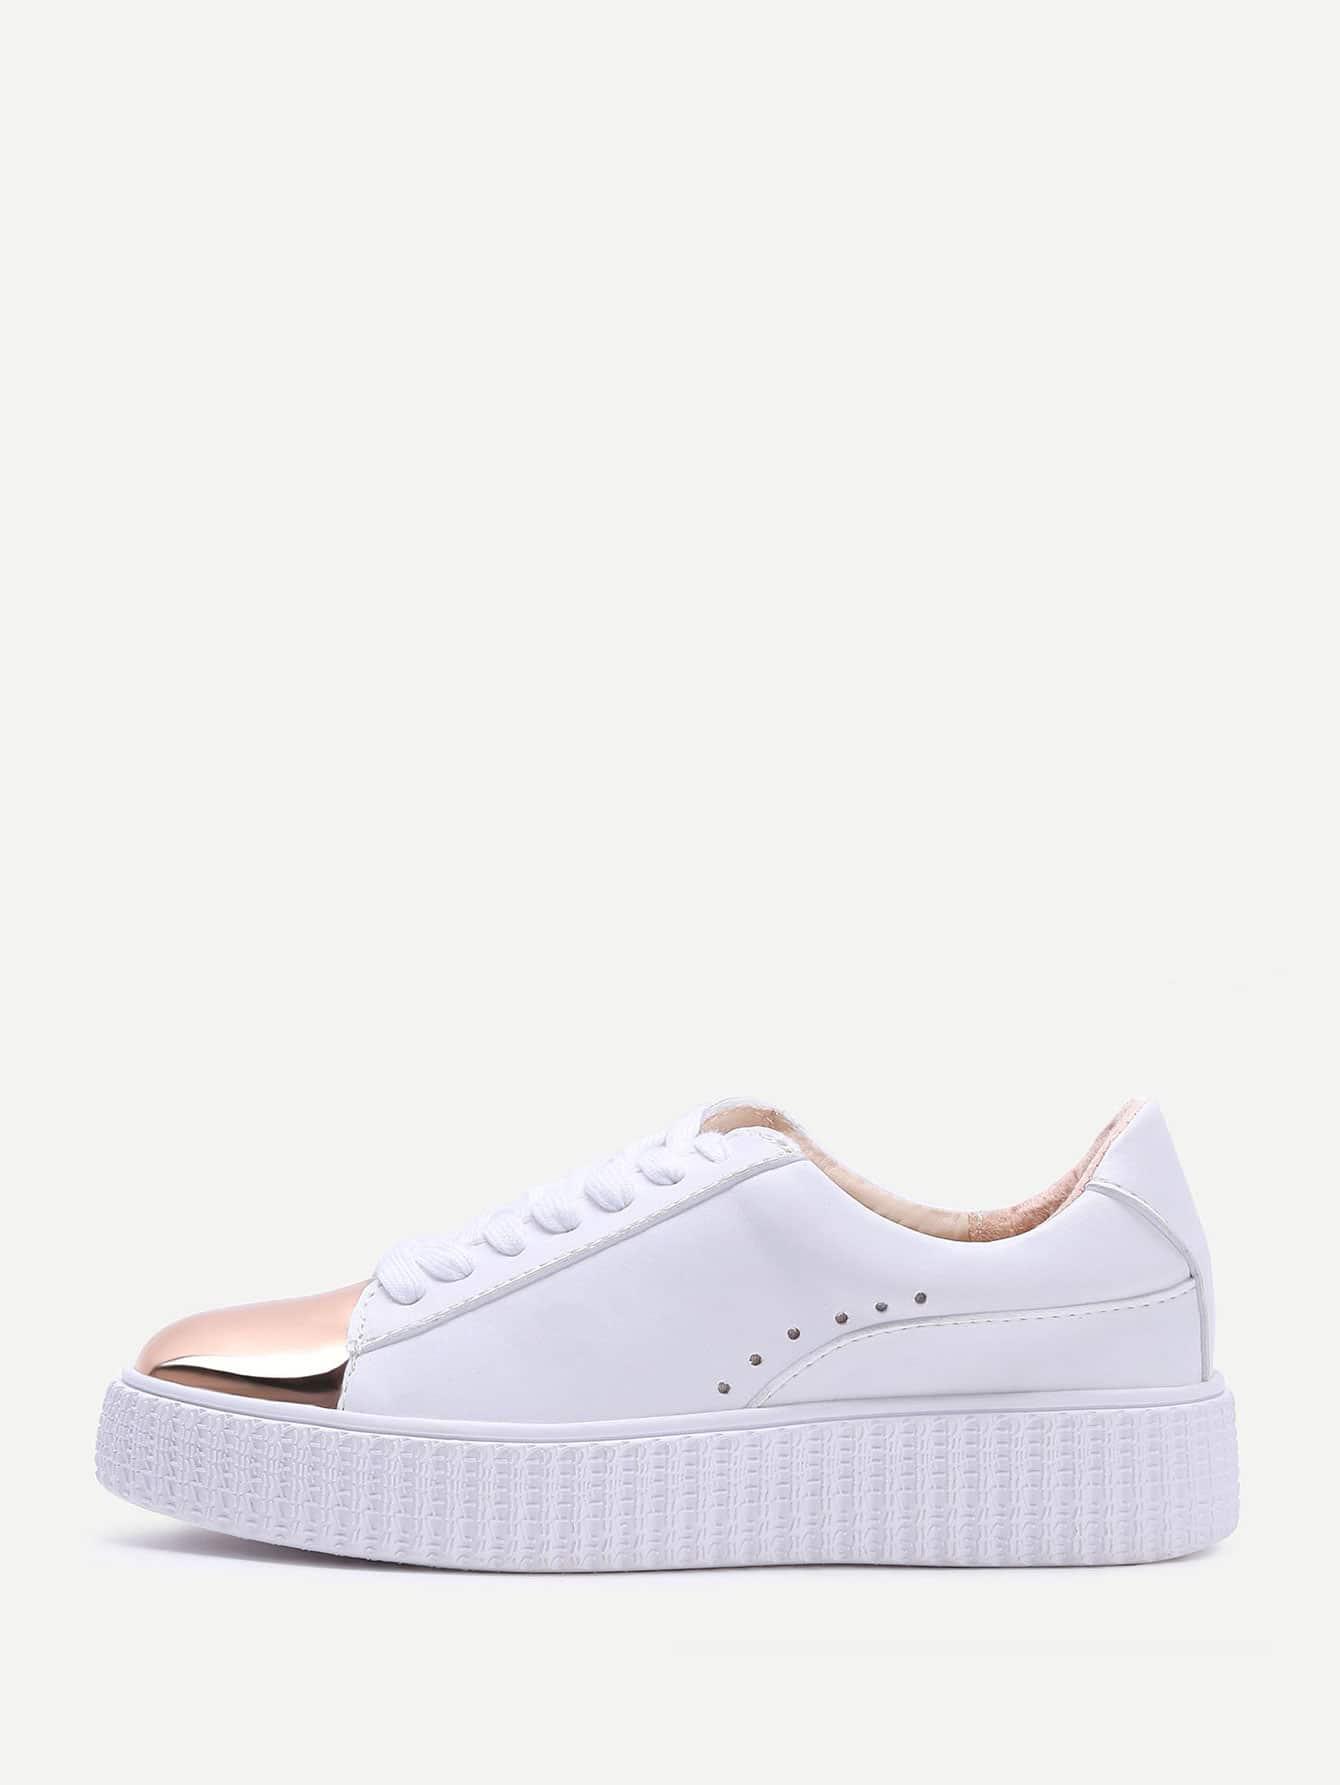 shoes170207802_2